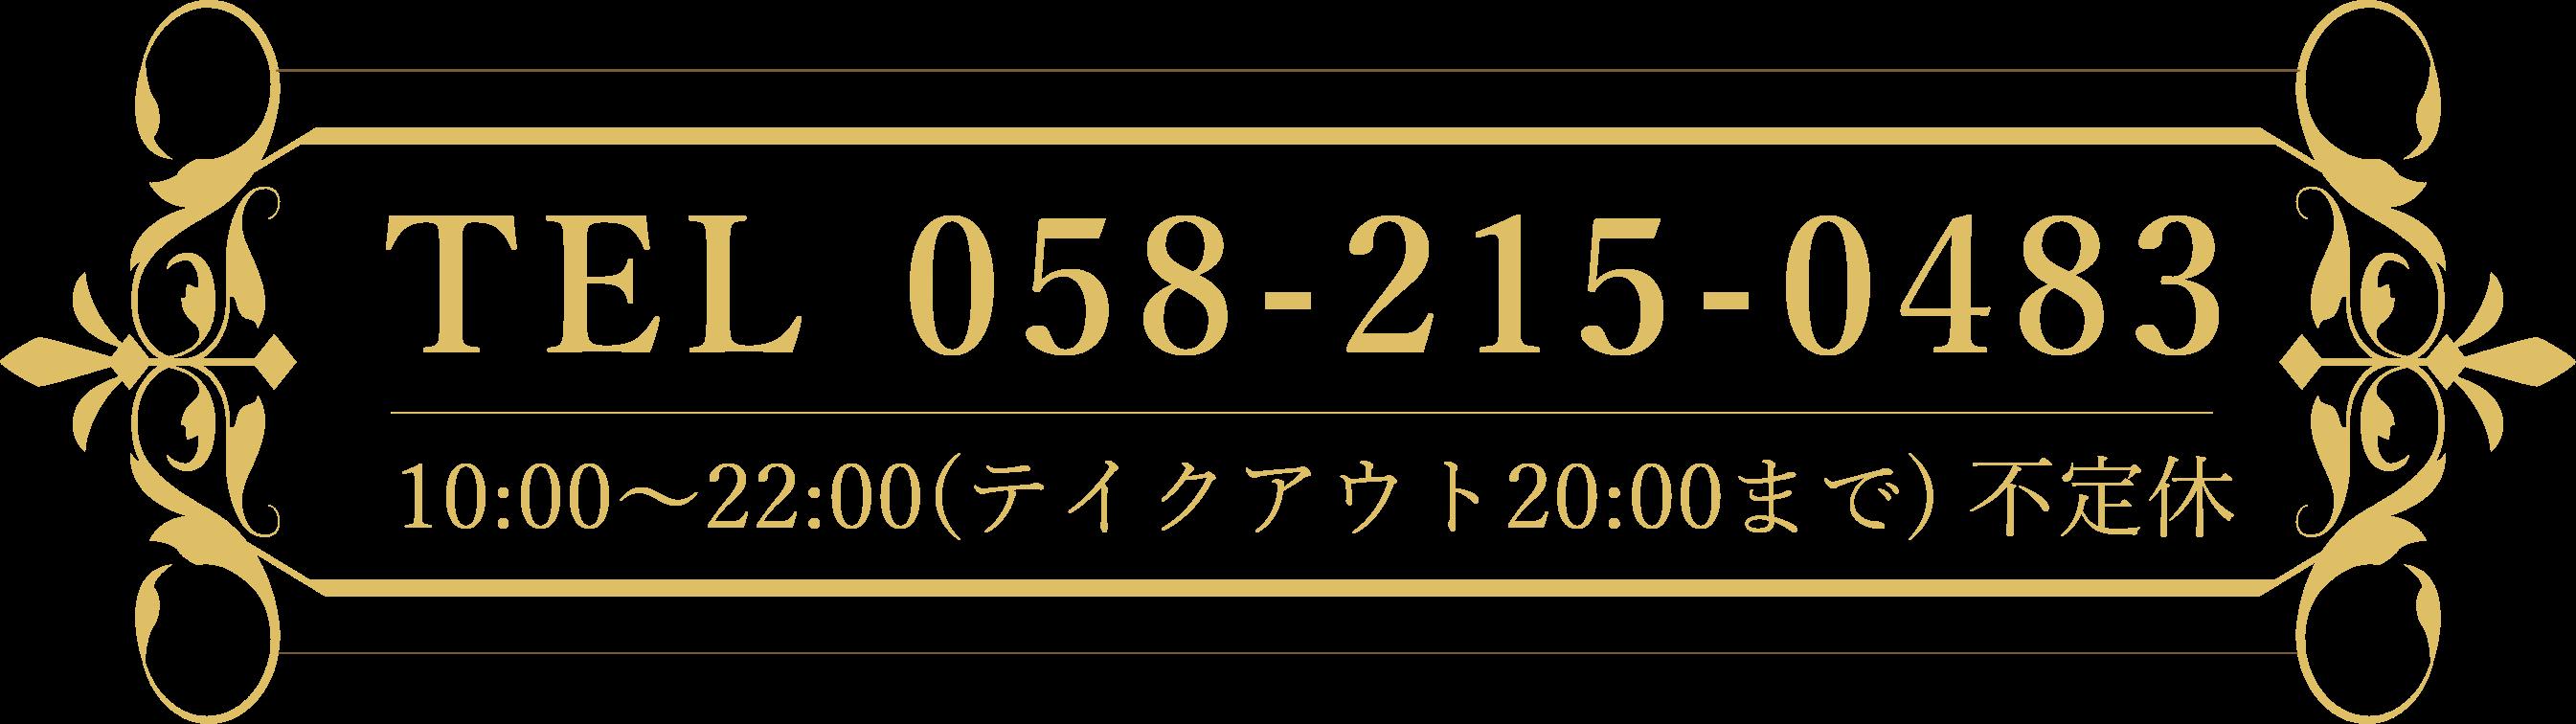 TEL.058-215-0483 10:00~20:00()最終受付18:00)火曜定休